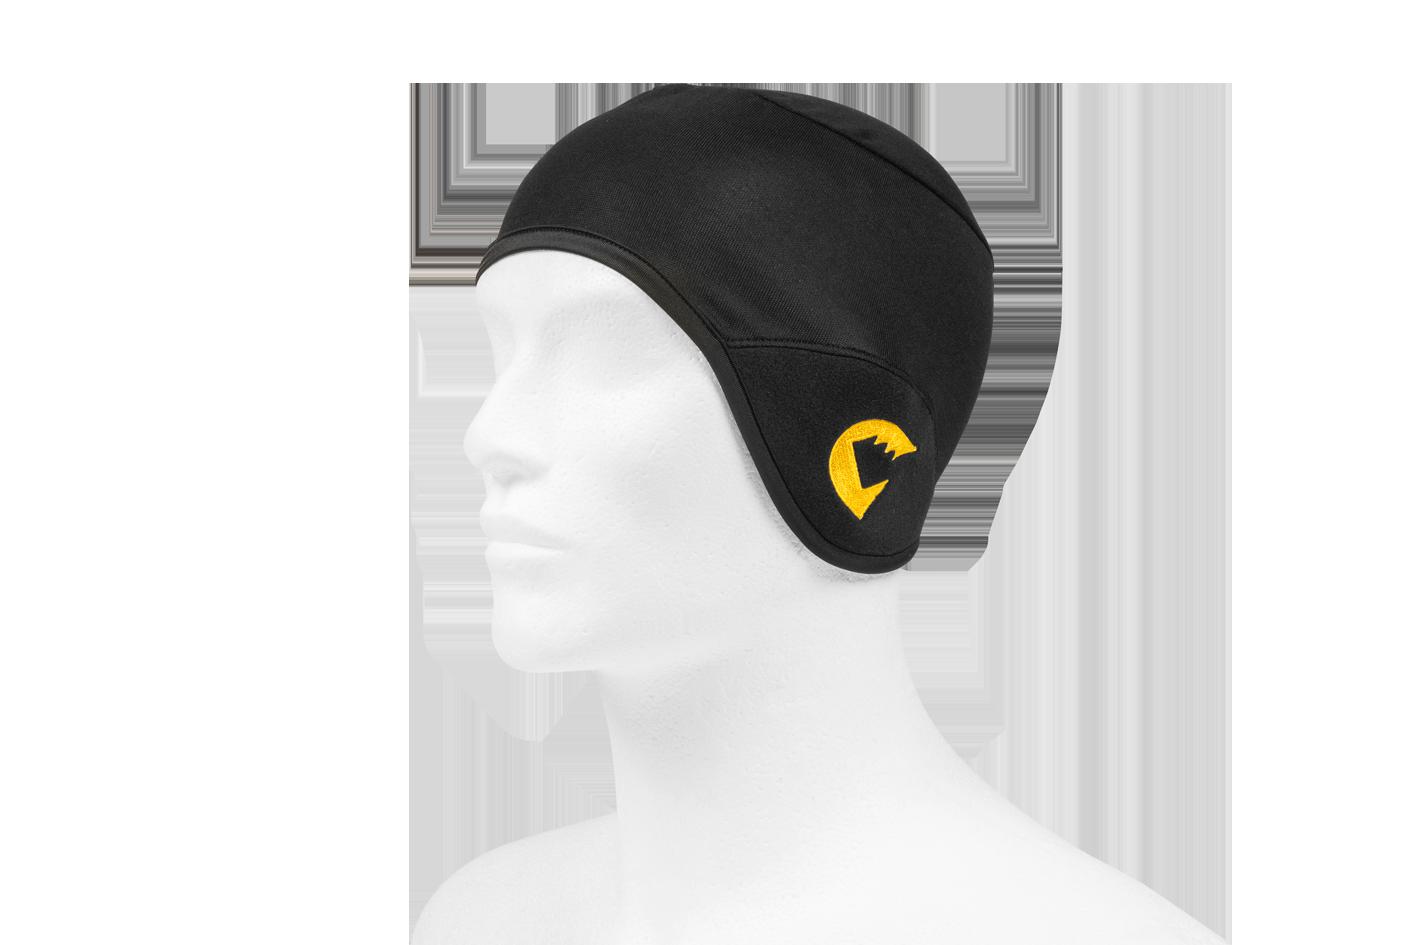 Ombra Helmet Liner